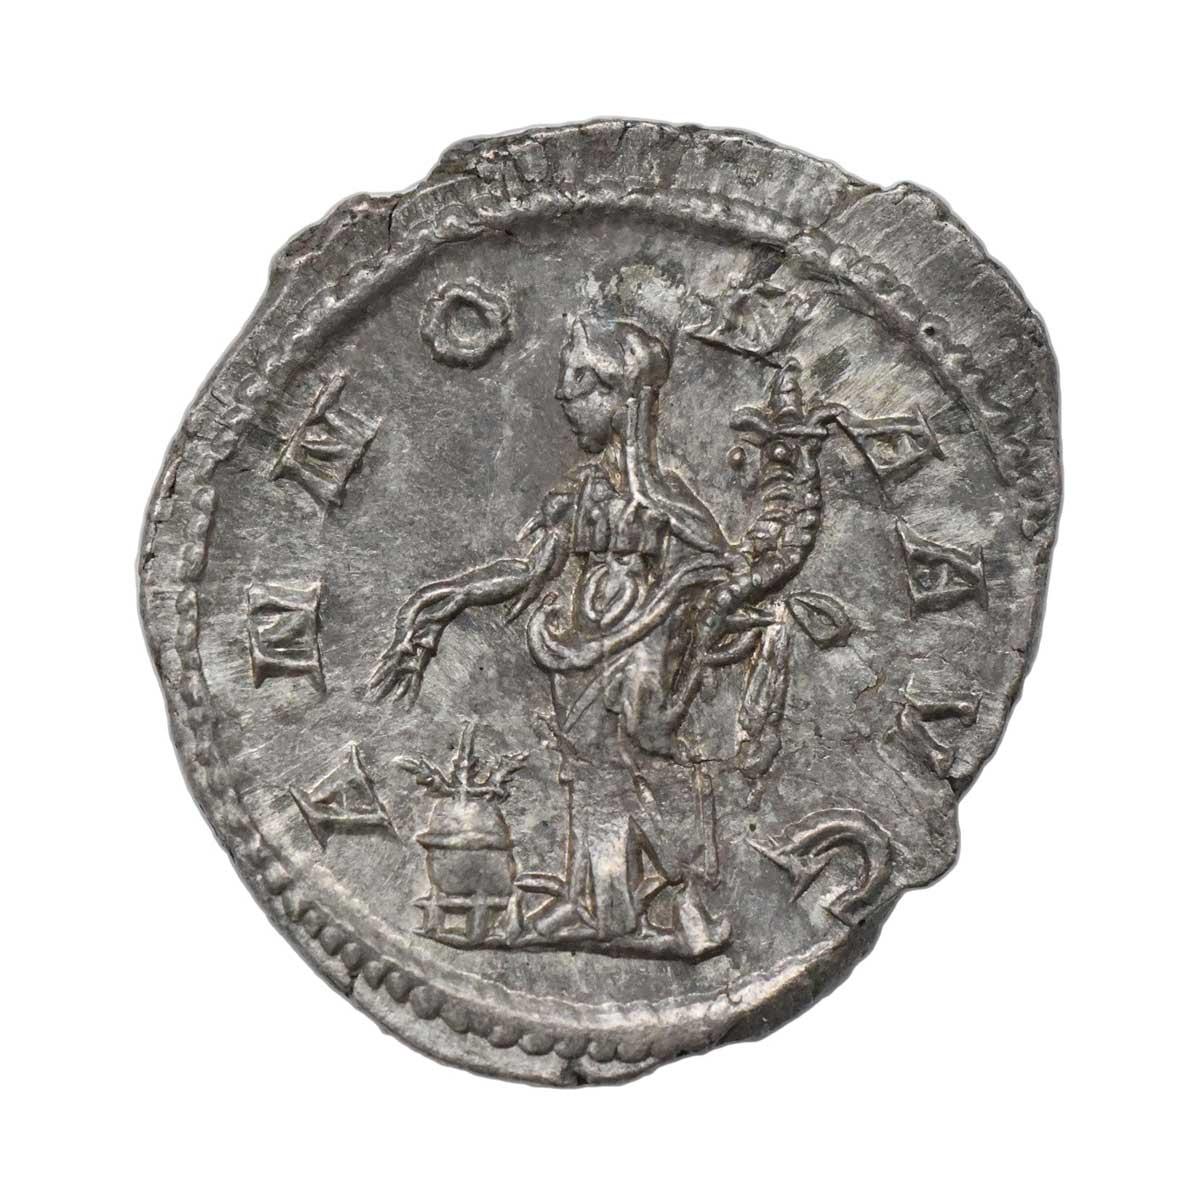 Moneta in argento di Roma Denario di Alessandro Severo